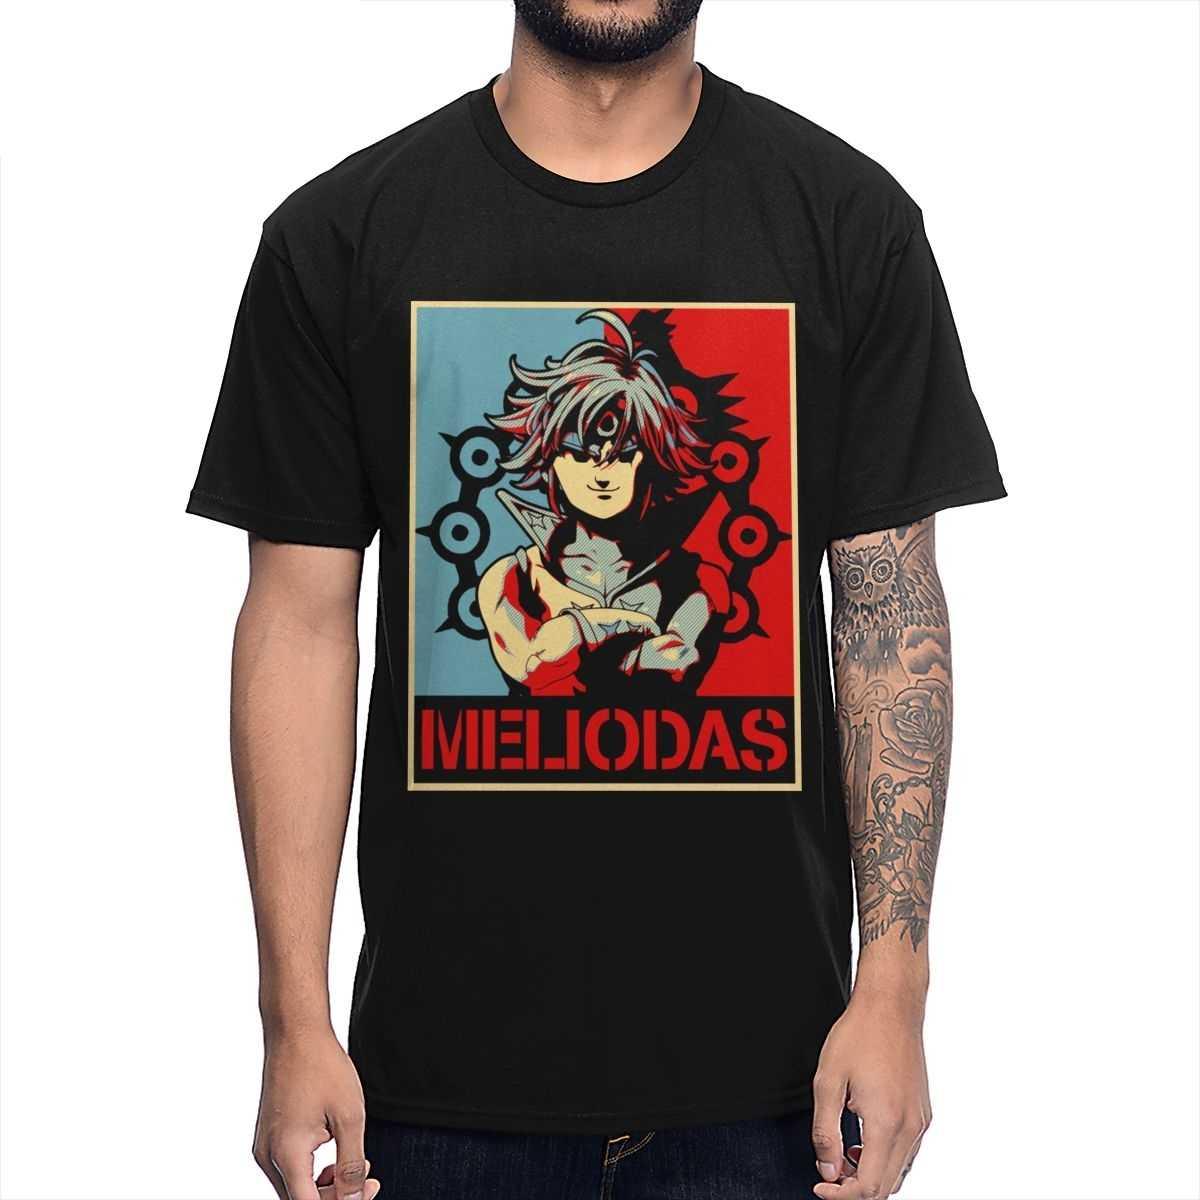 Мужская футболка для отдыха из японского аниме Манга Meliodas Seven deadly sins модная мужская одежда